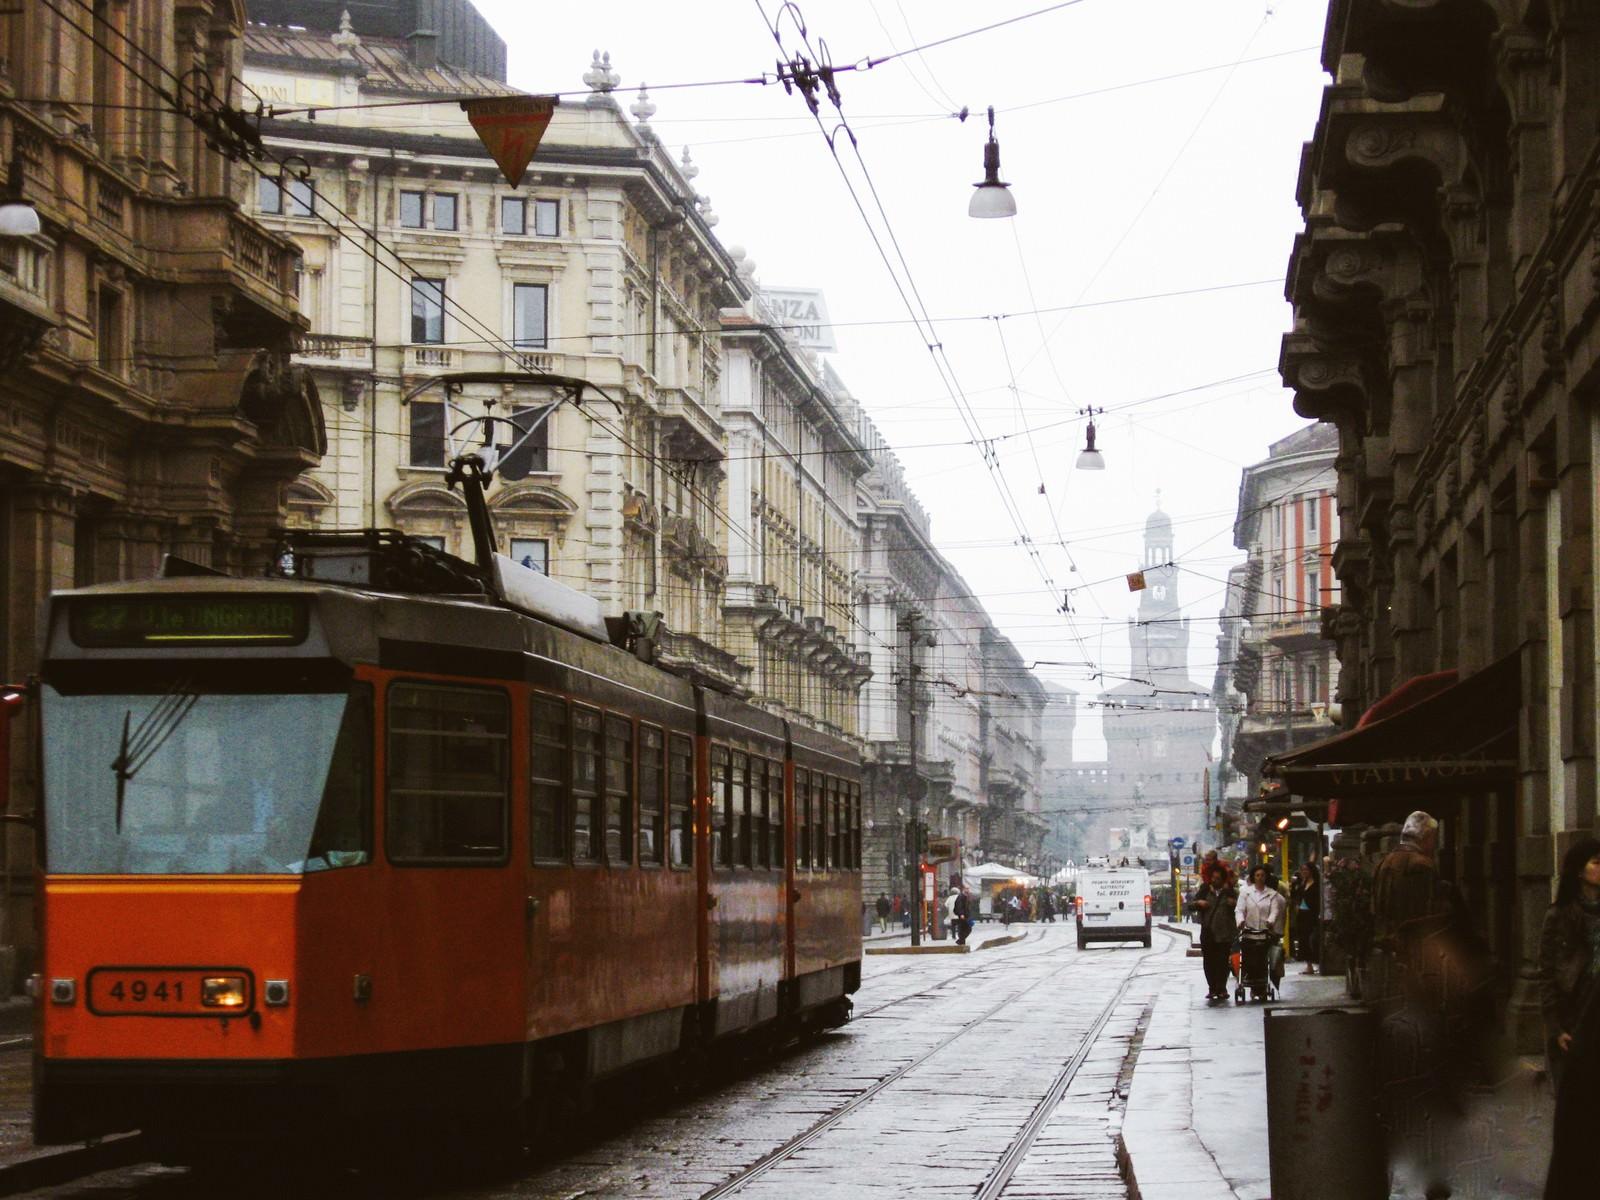 「ミラノの時計台へと続く路地を走る路面電車と街並み(イタリア)」の写真